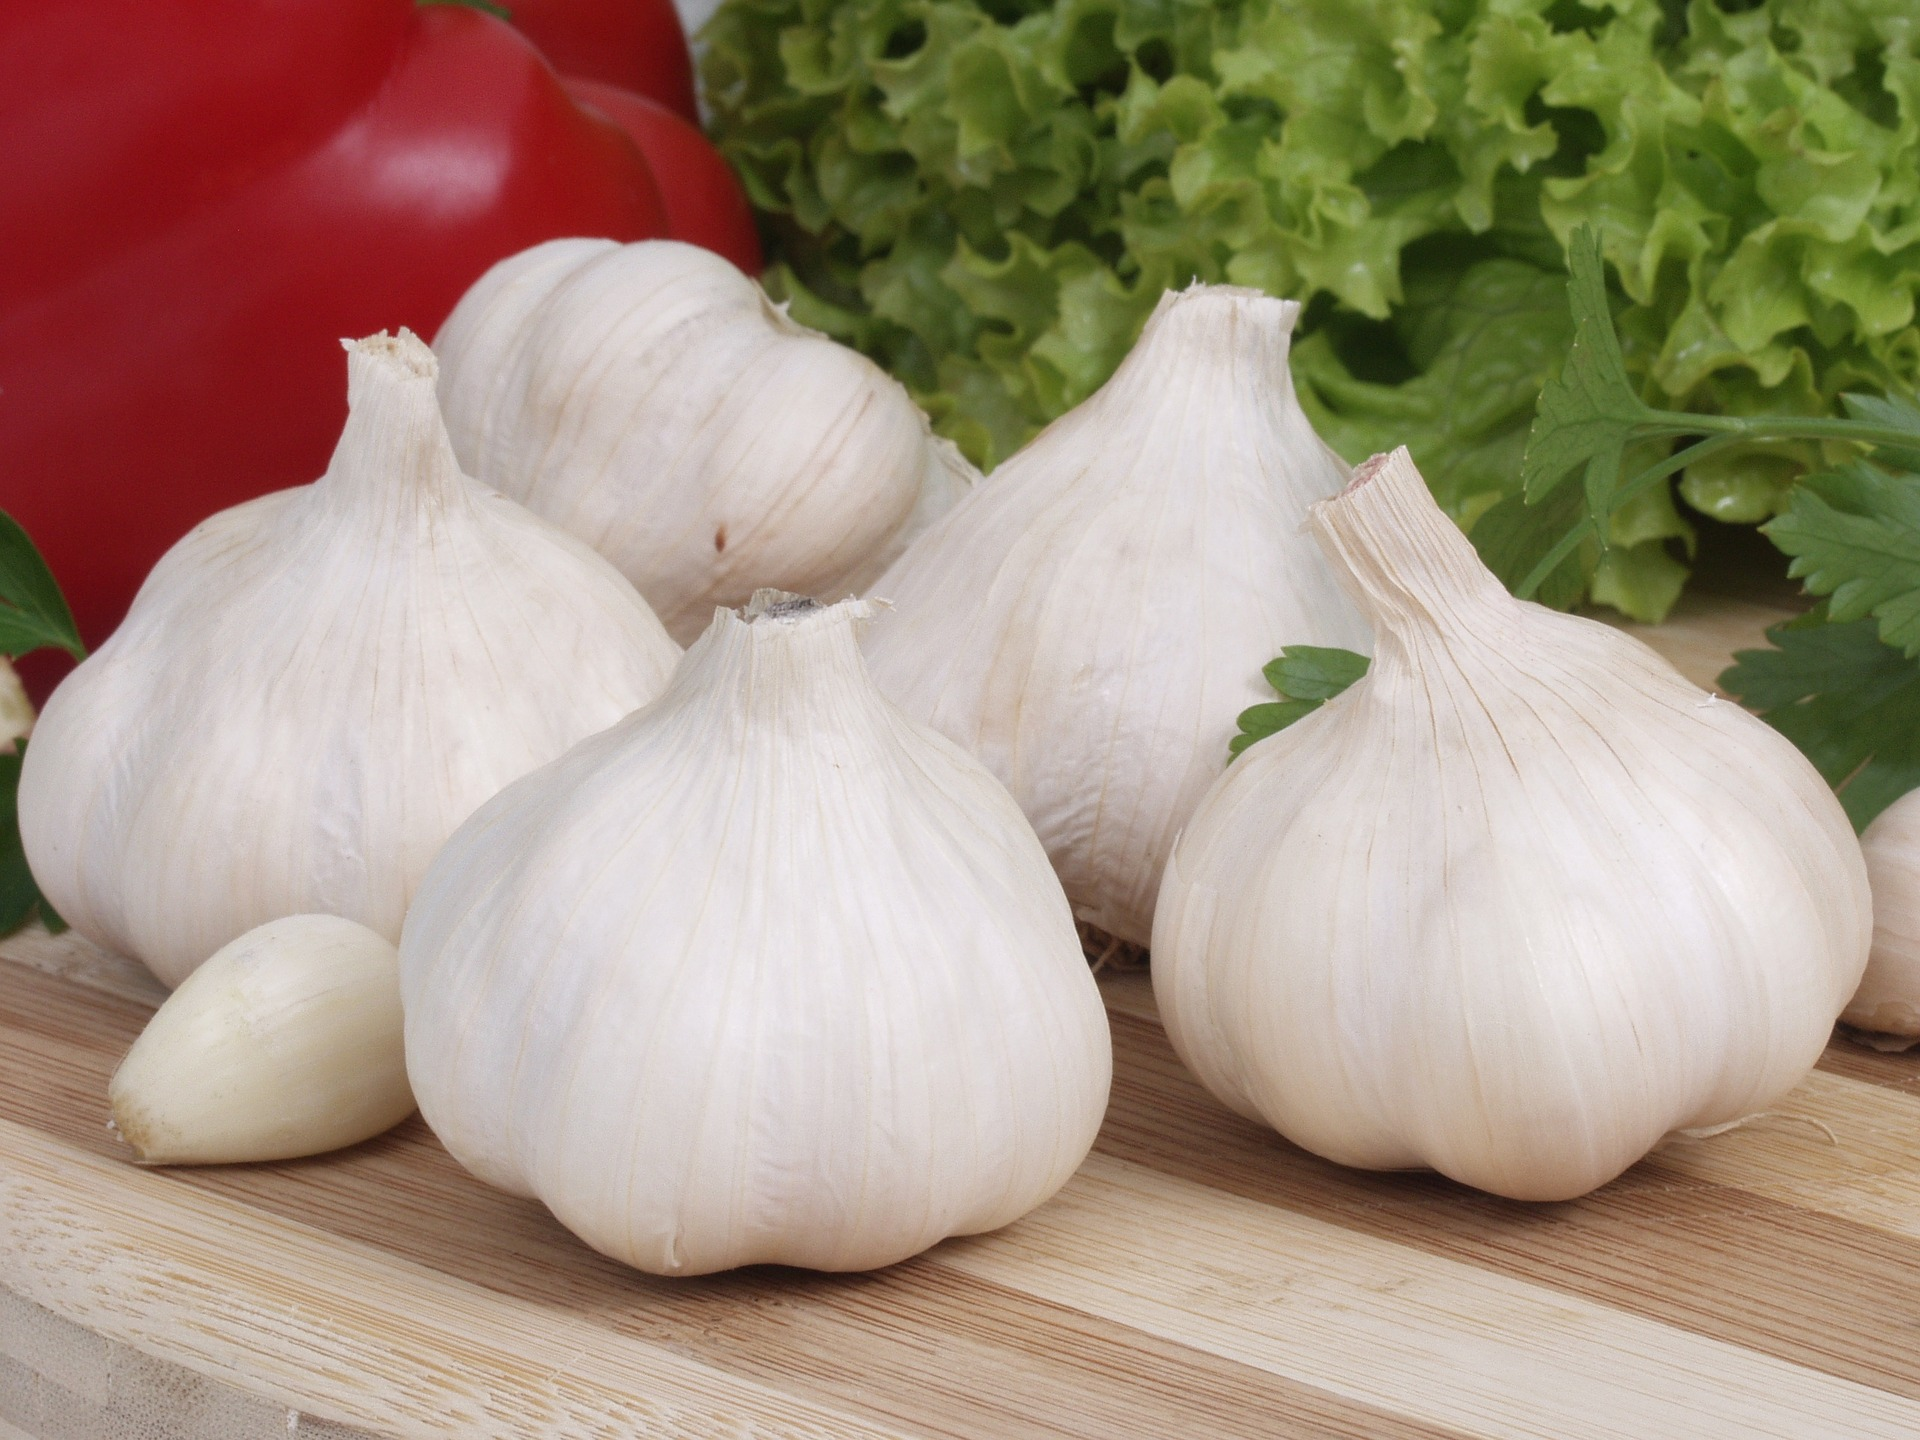 L'aglio è un buon alimento per prevenire la ritenzione idrica